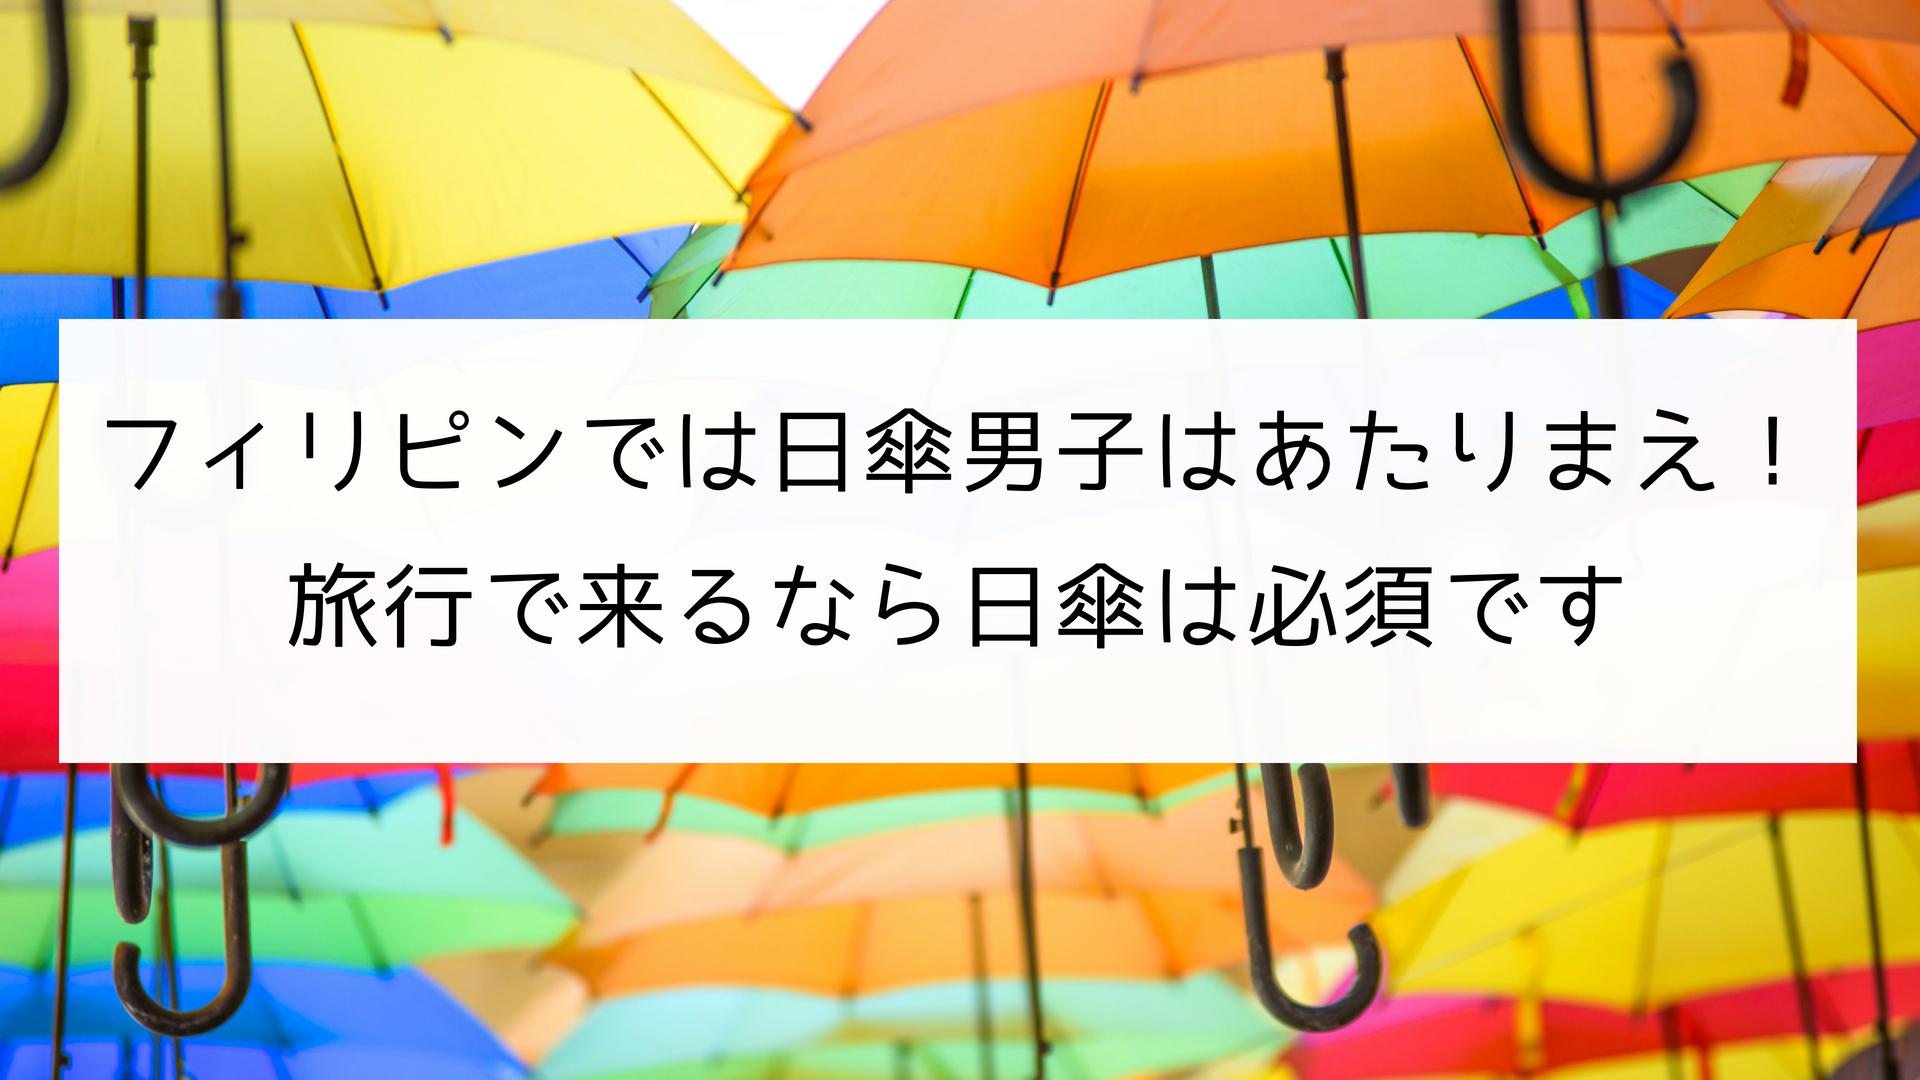 フィリピンでは日傘男子はあたりまえ!旅行で来るなら日傘は必須です